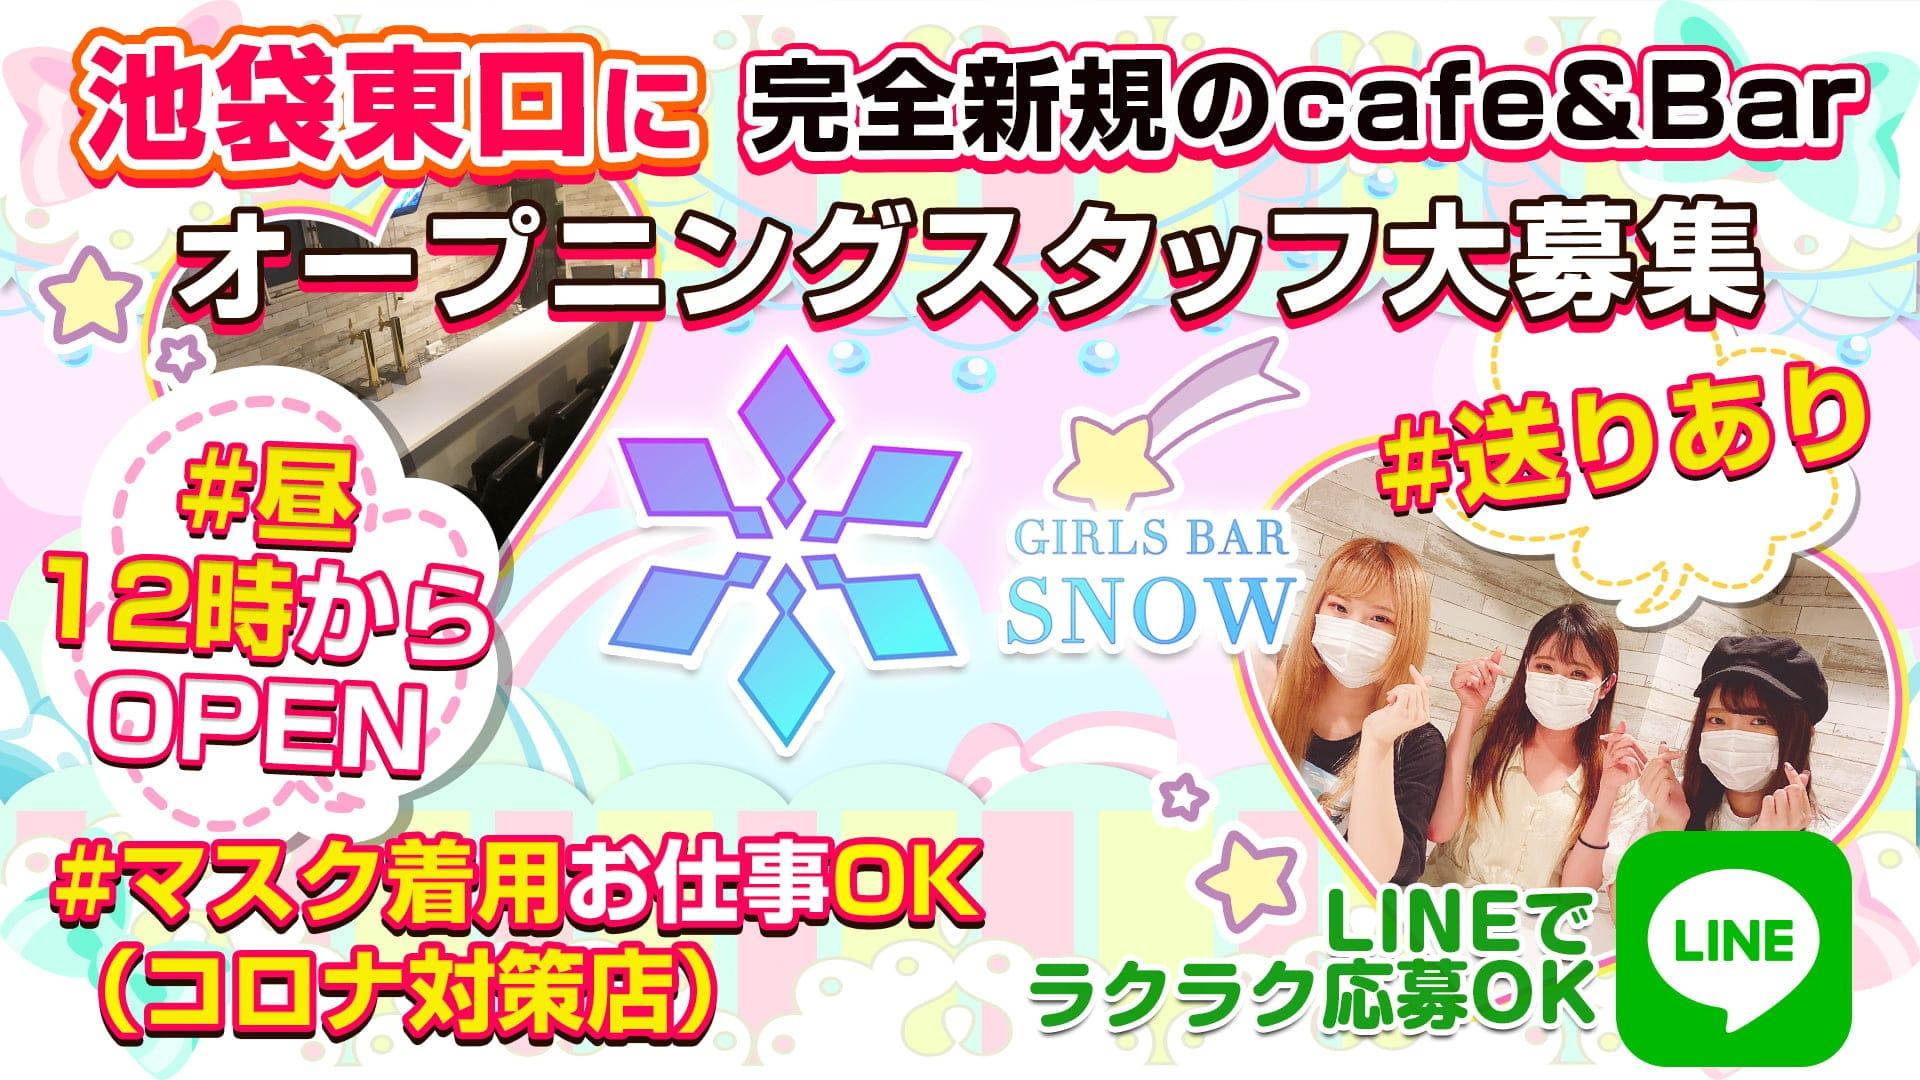 Cafe&Bar SNOW(スノー)【公式求人・体入情報】 池袋ガールズバー TOP画像